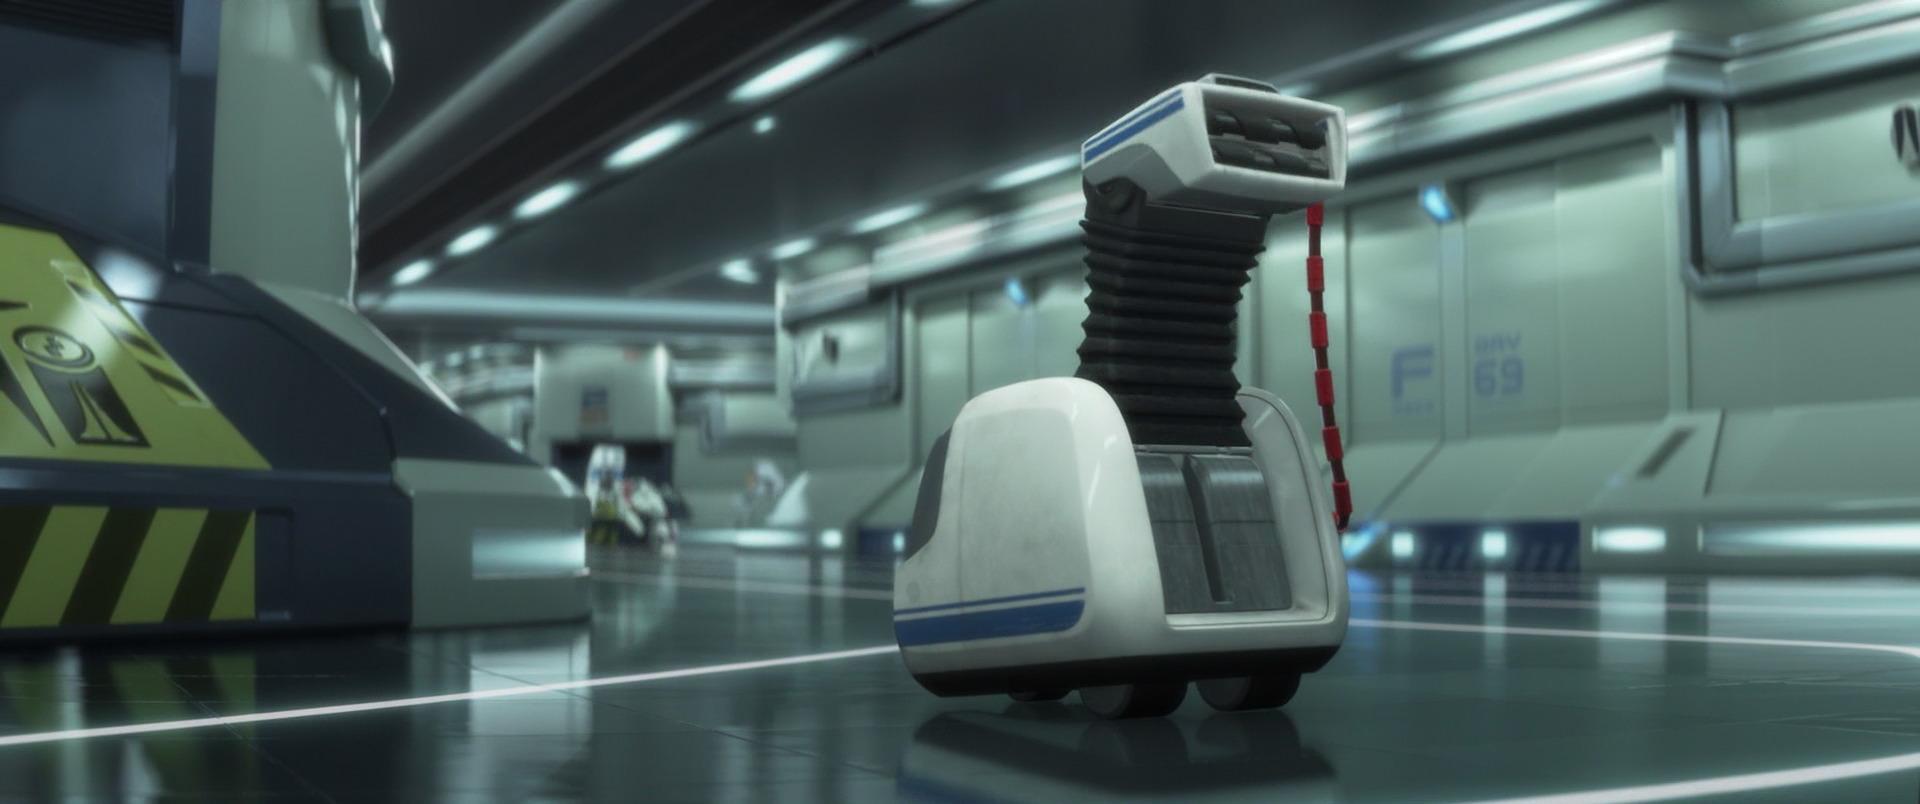 vaq-m pixar disney personnage character wall-e